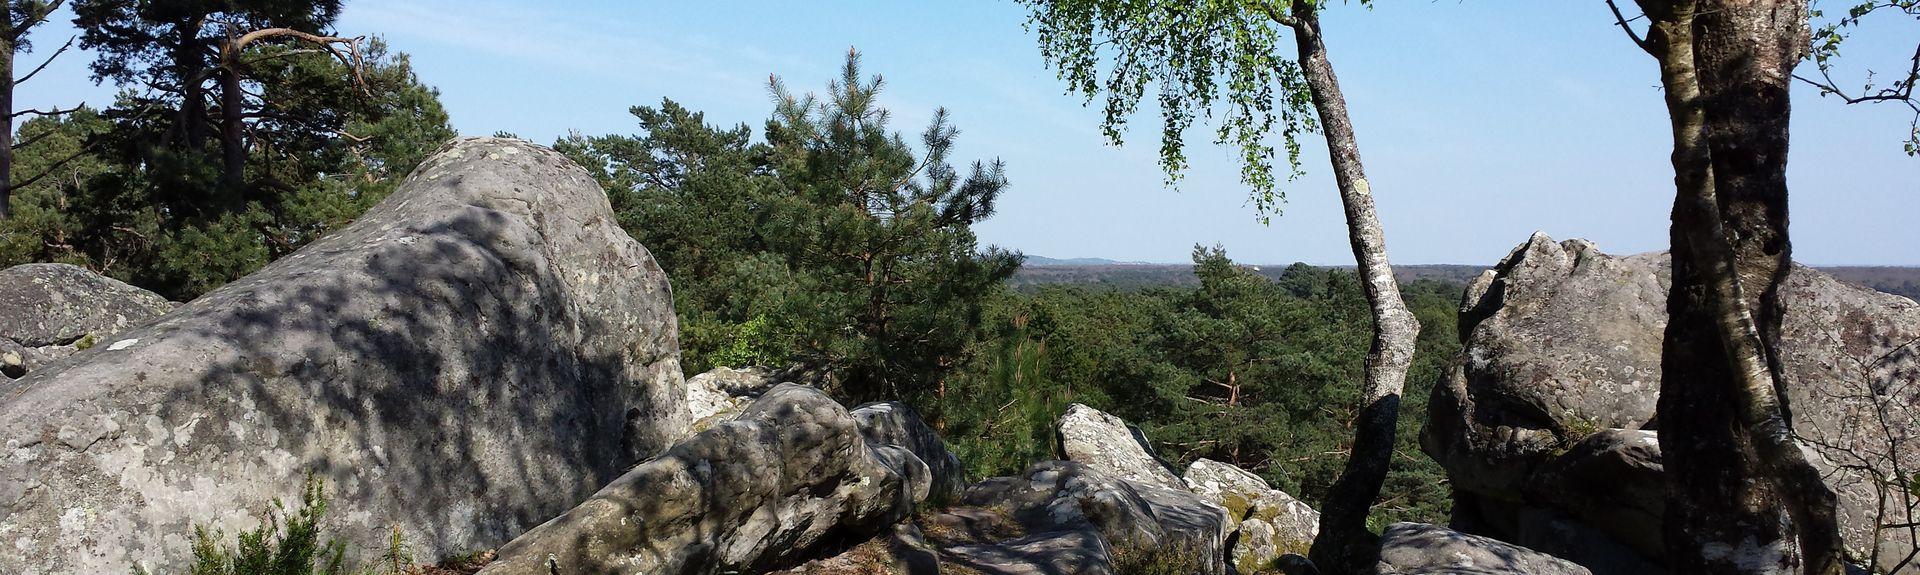 Fontainebleau, Ile-de-France, Frankreich